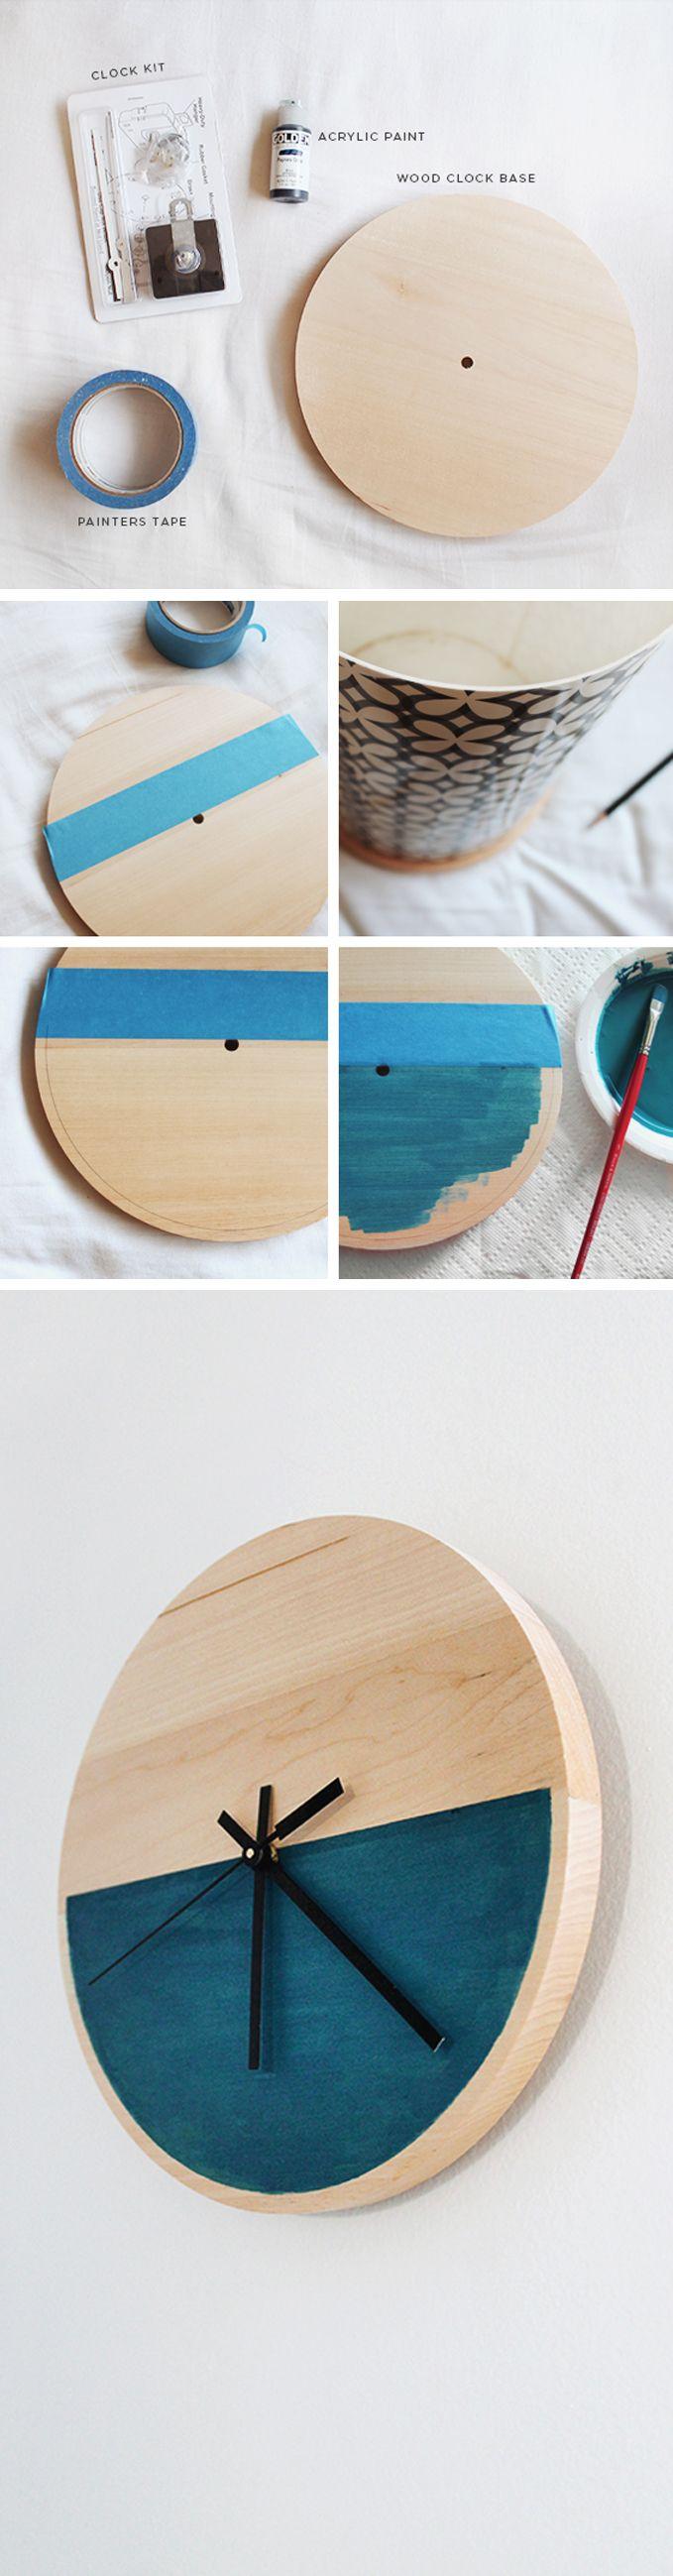 Hacer un bonito reloj de madera./ Make a lovely wooden clock. #recycledesign